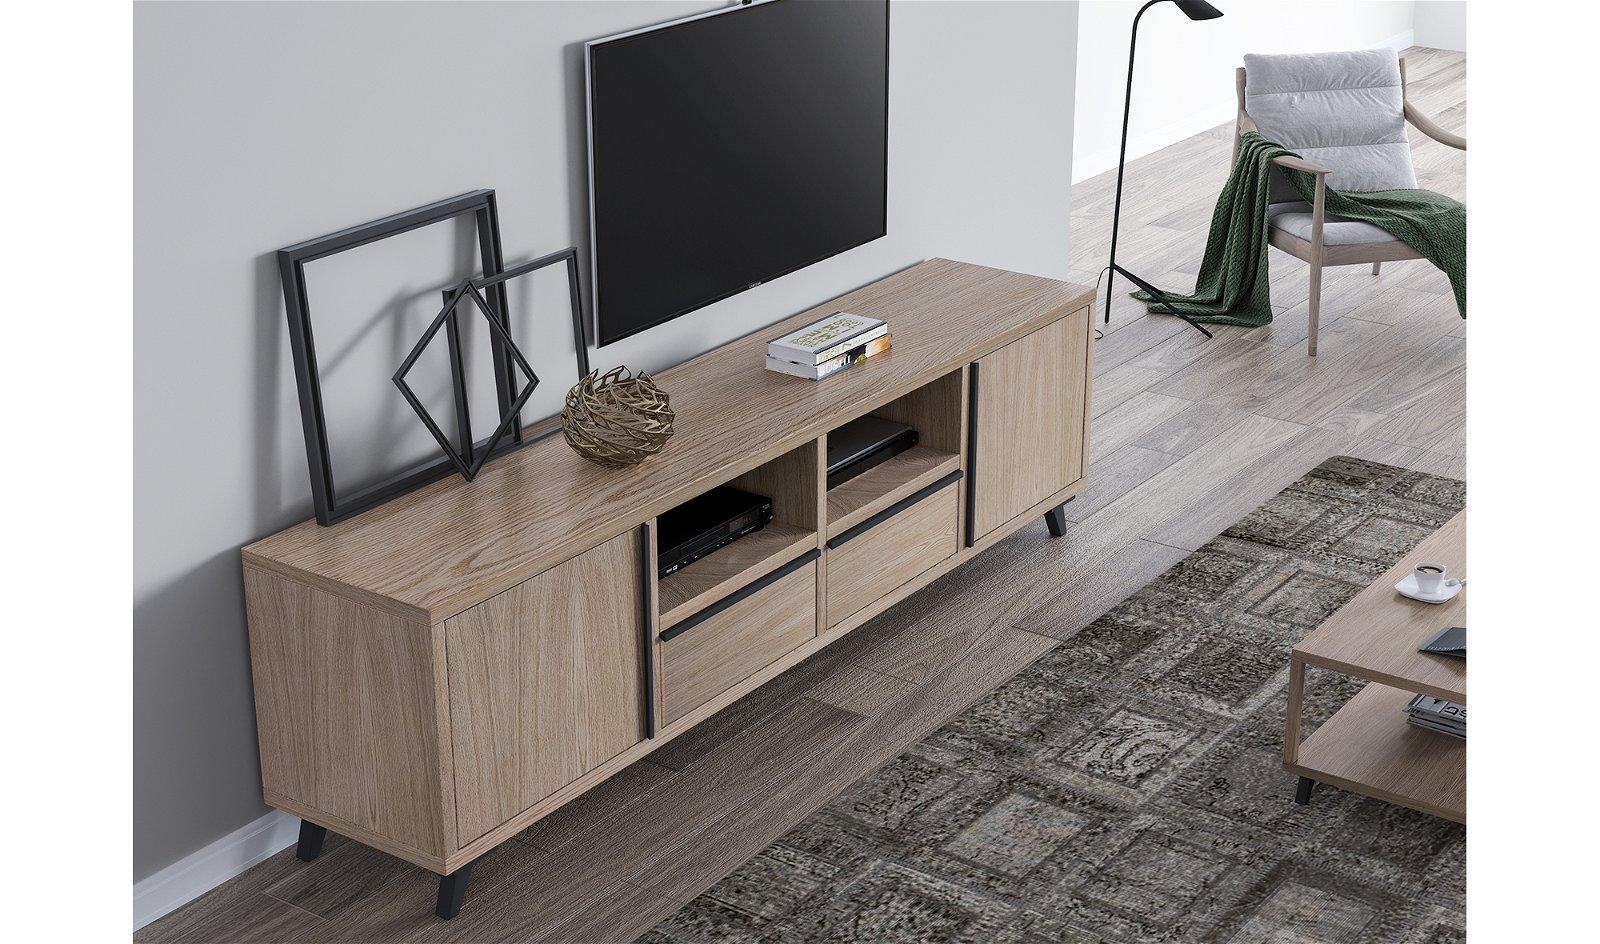 Mueble tv 2 puertas nórdico Borgen